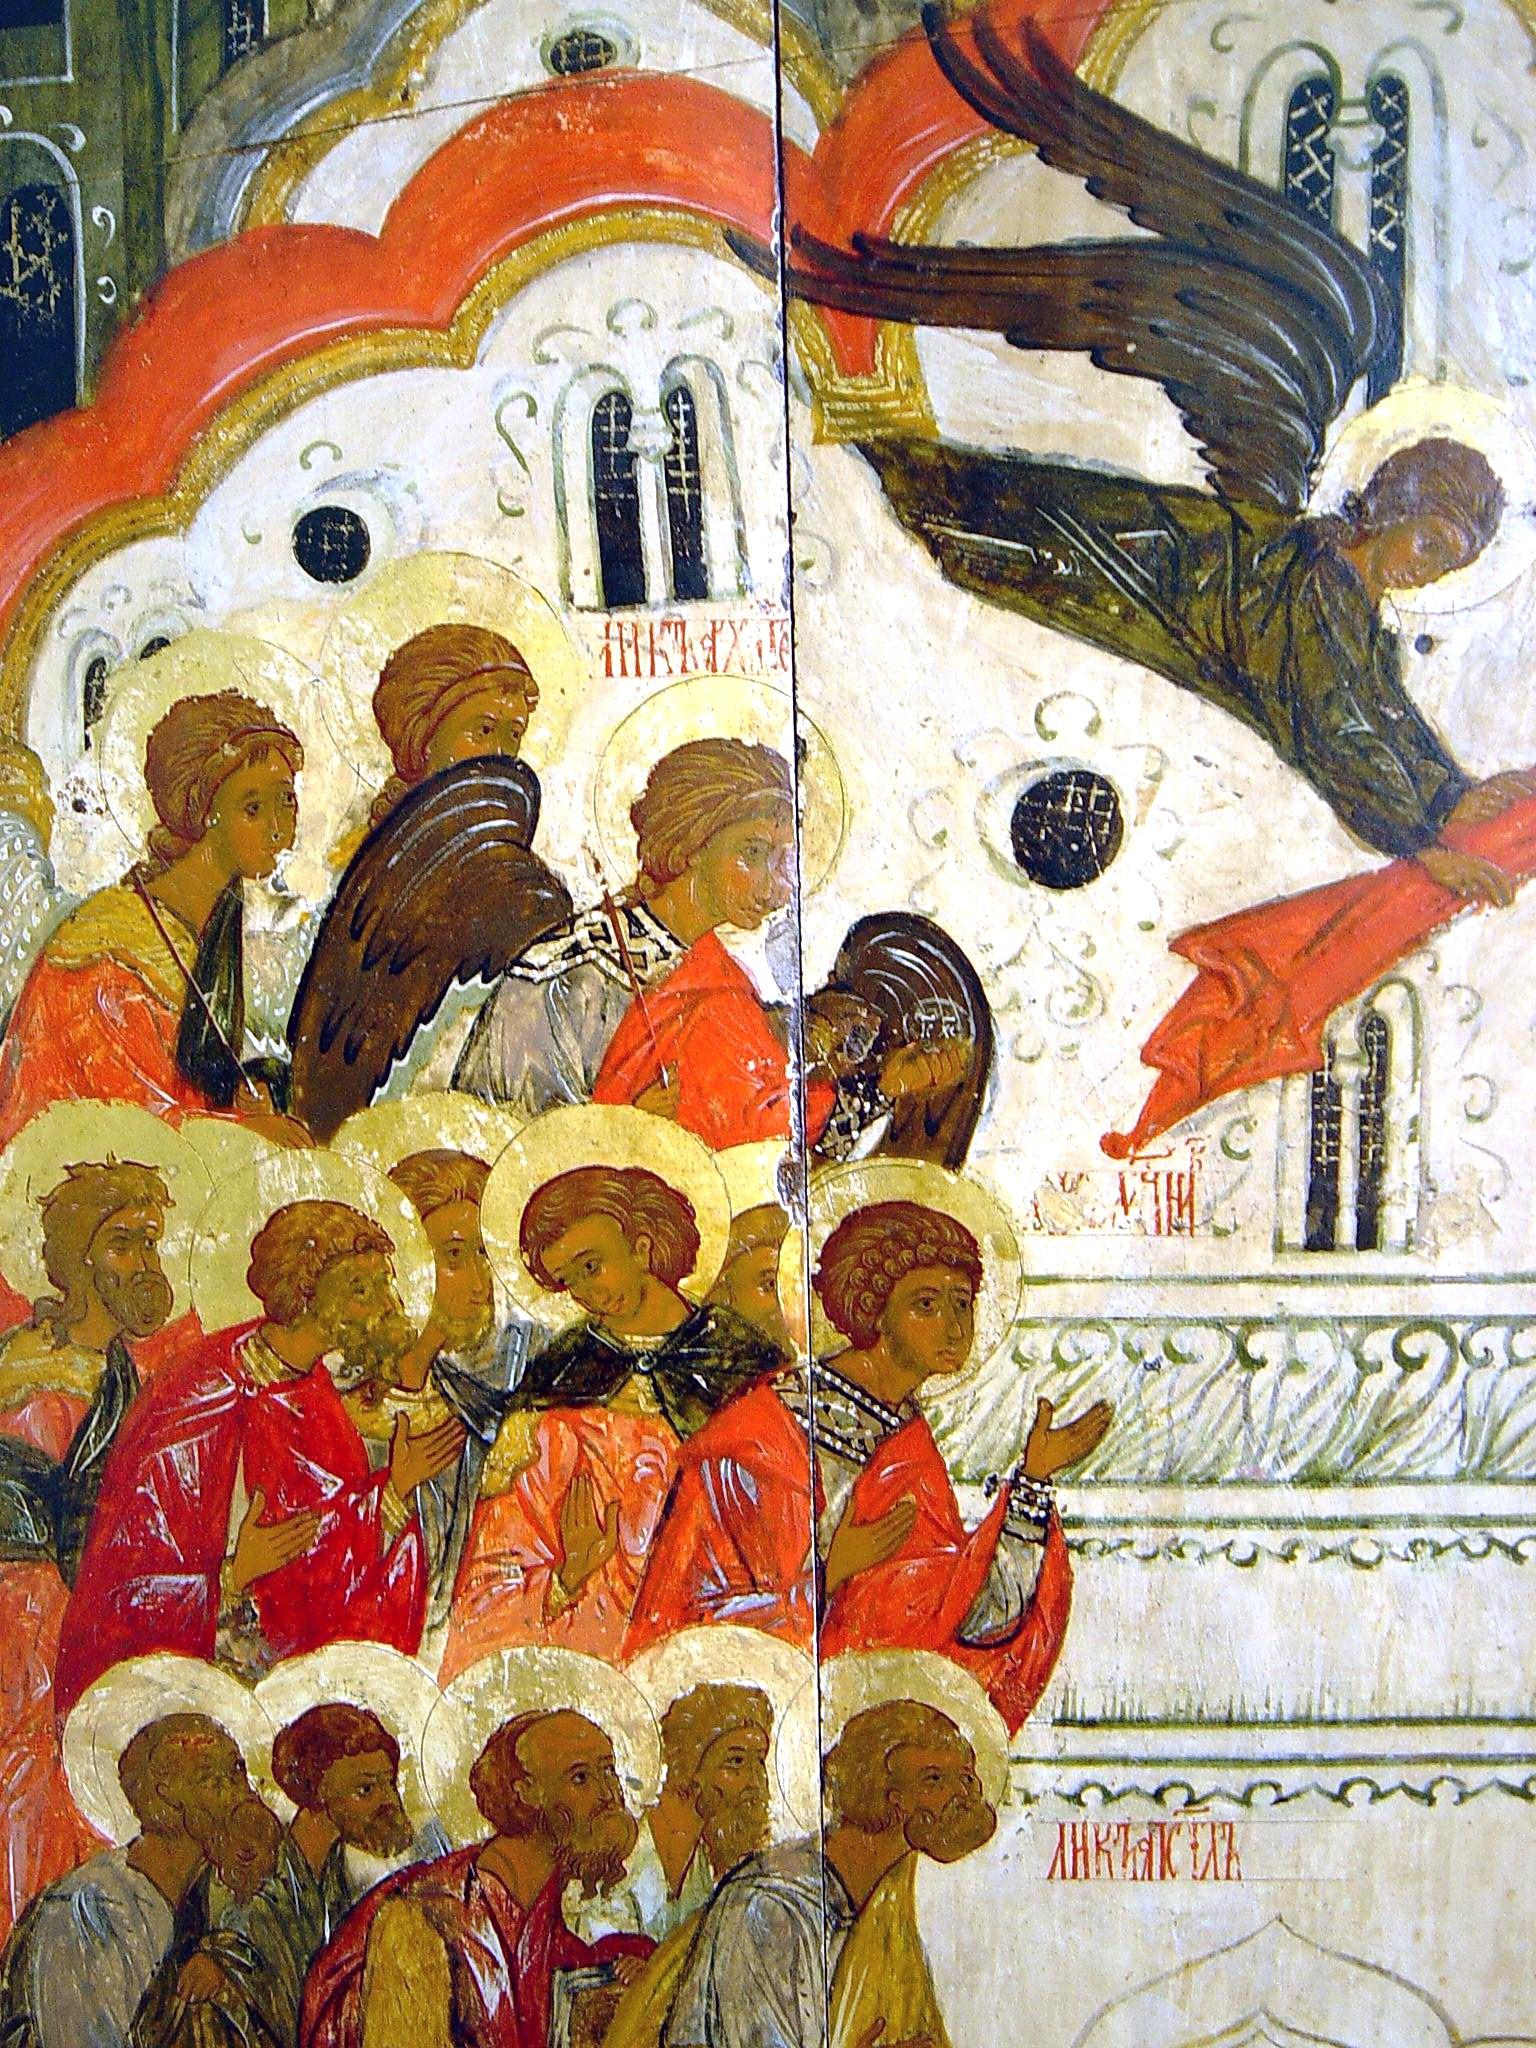 Покров Пресвятой Богородицы. Икона XVI века. Фрагмент. Лики Архангелов, Мучеников и Апостолов.